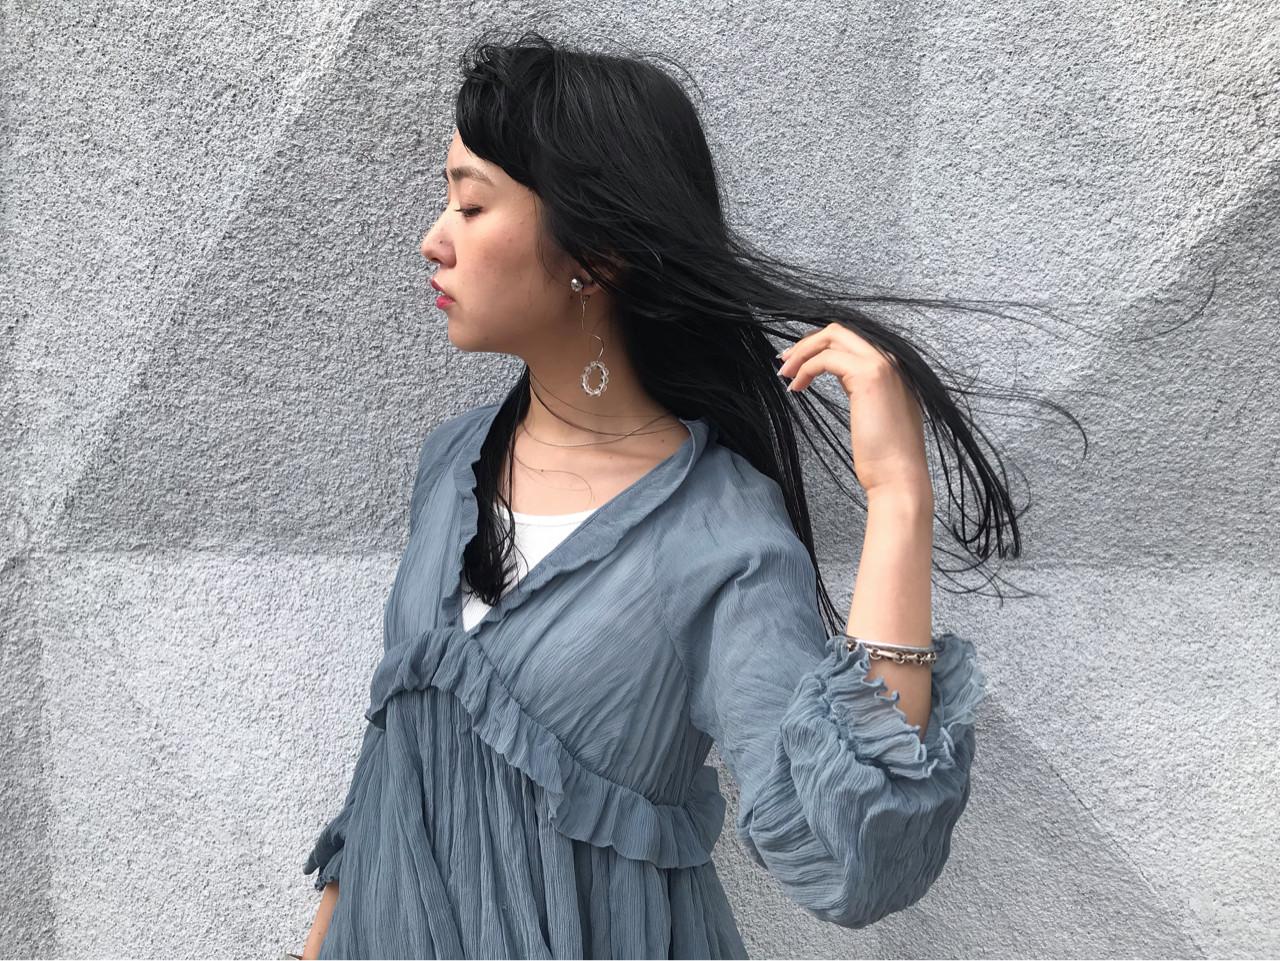 ナチュラル 黒髪 ロング ヘアスタイルや髪型の写真・画像 | natsuki / seek